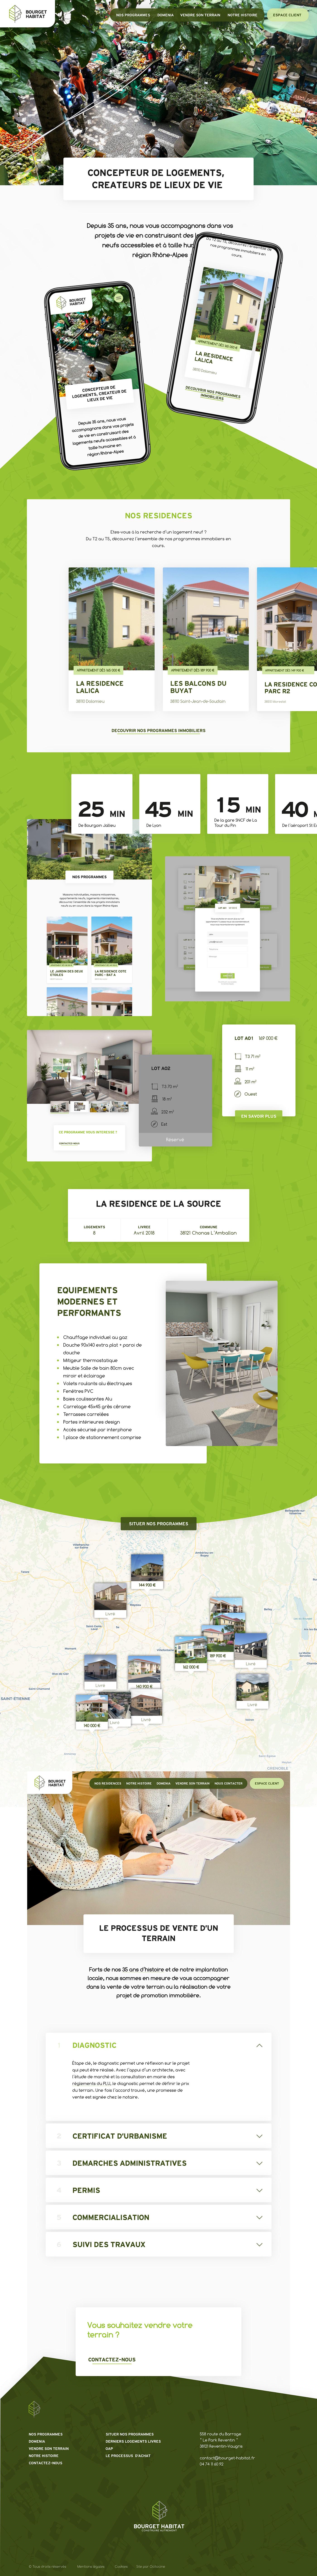 Webdesign art direction  JavaScript mobile website real estate Responsive ui design UX design Website wordpress